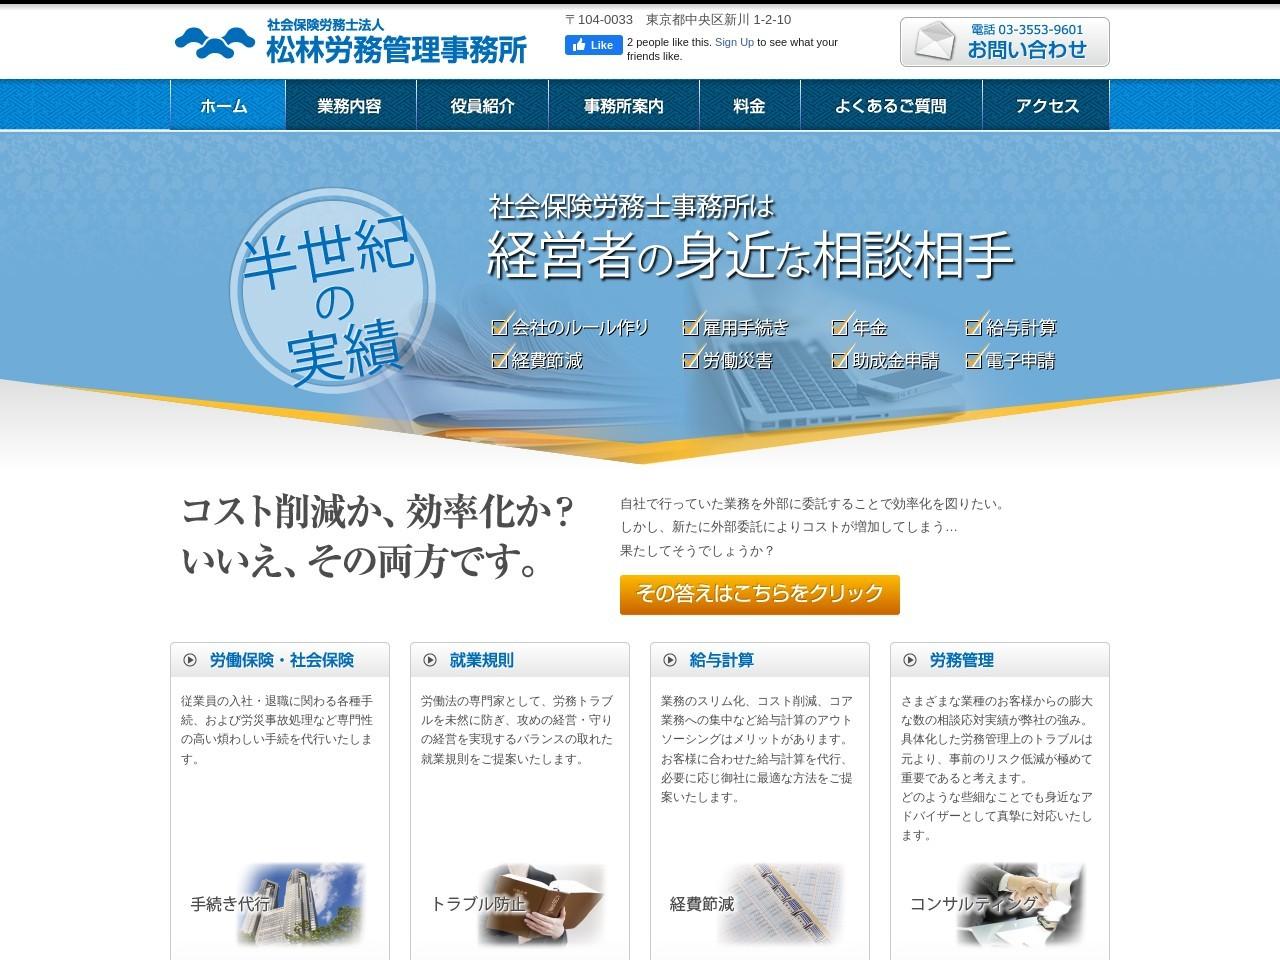 松林労務管理事務所(社会保険労務士法人)